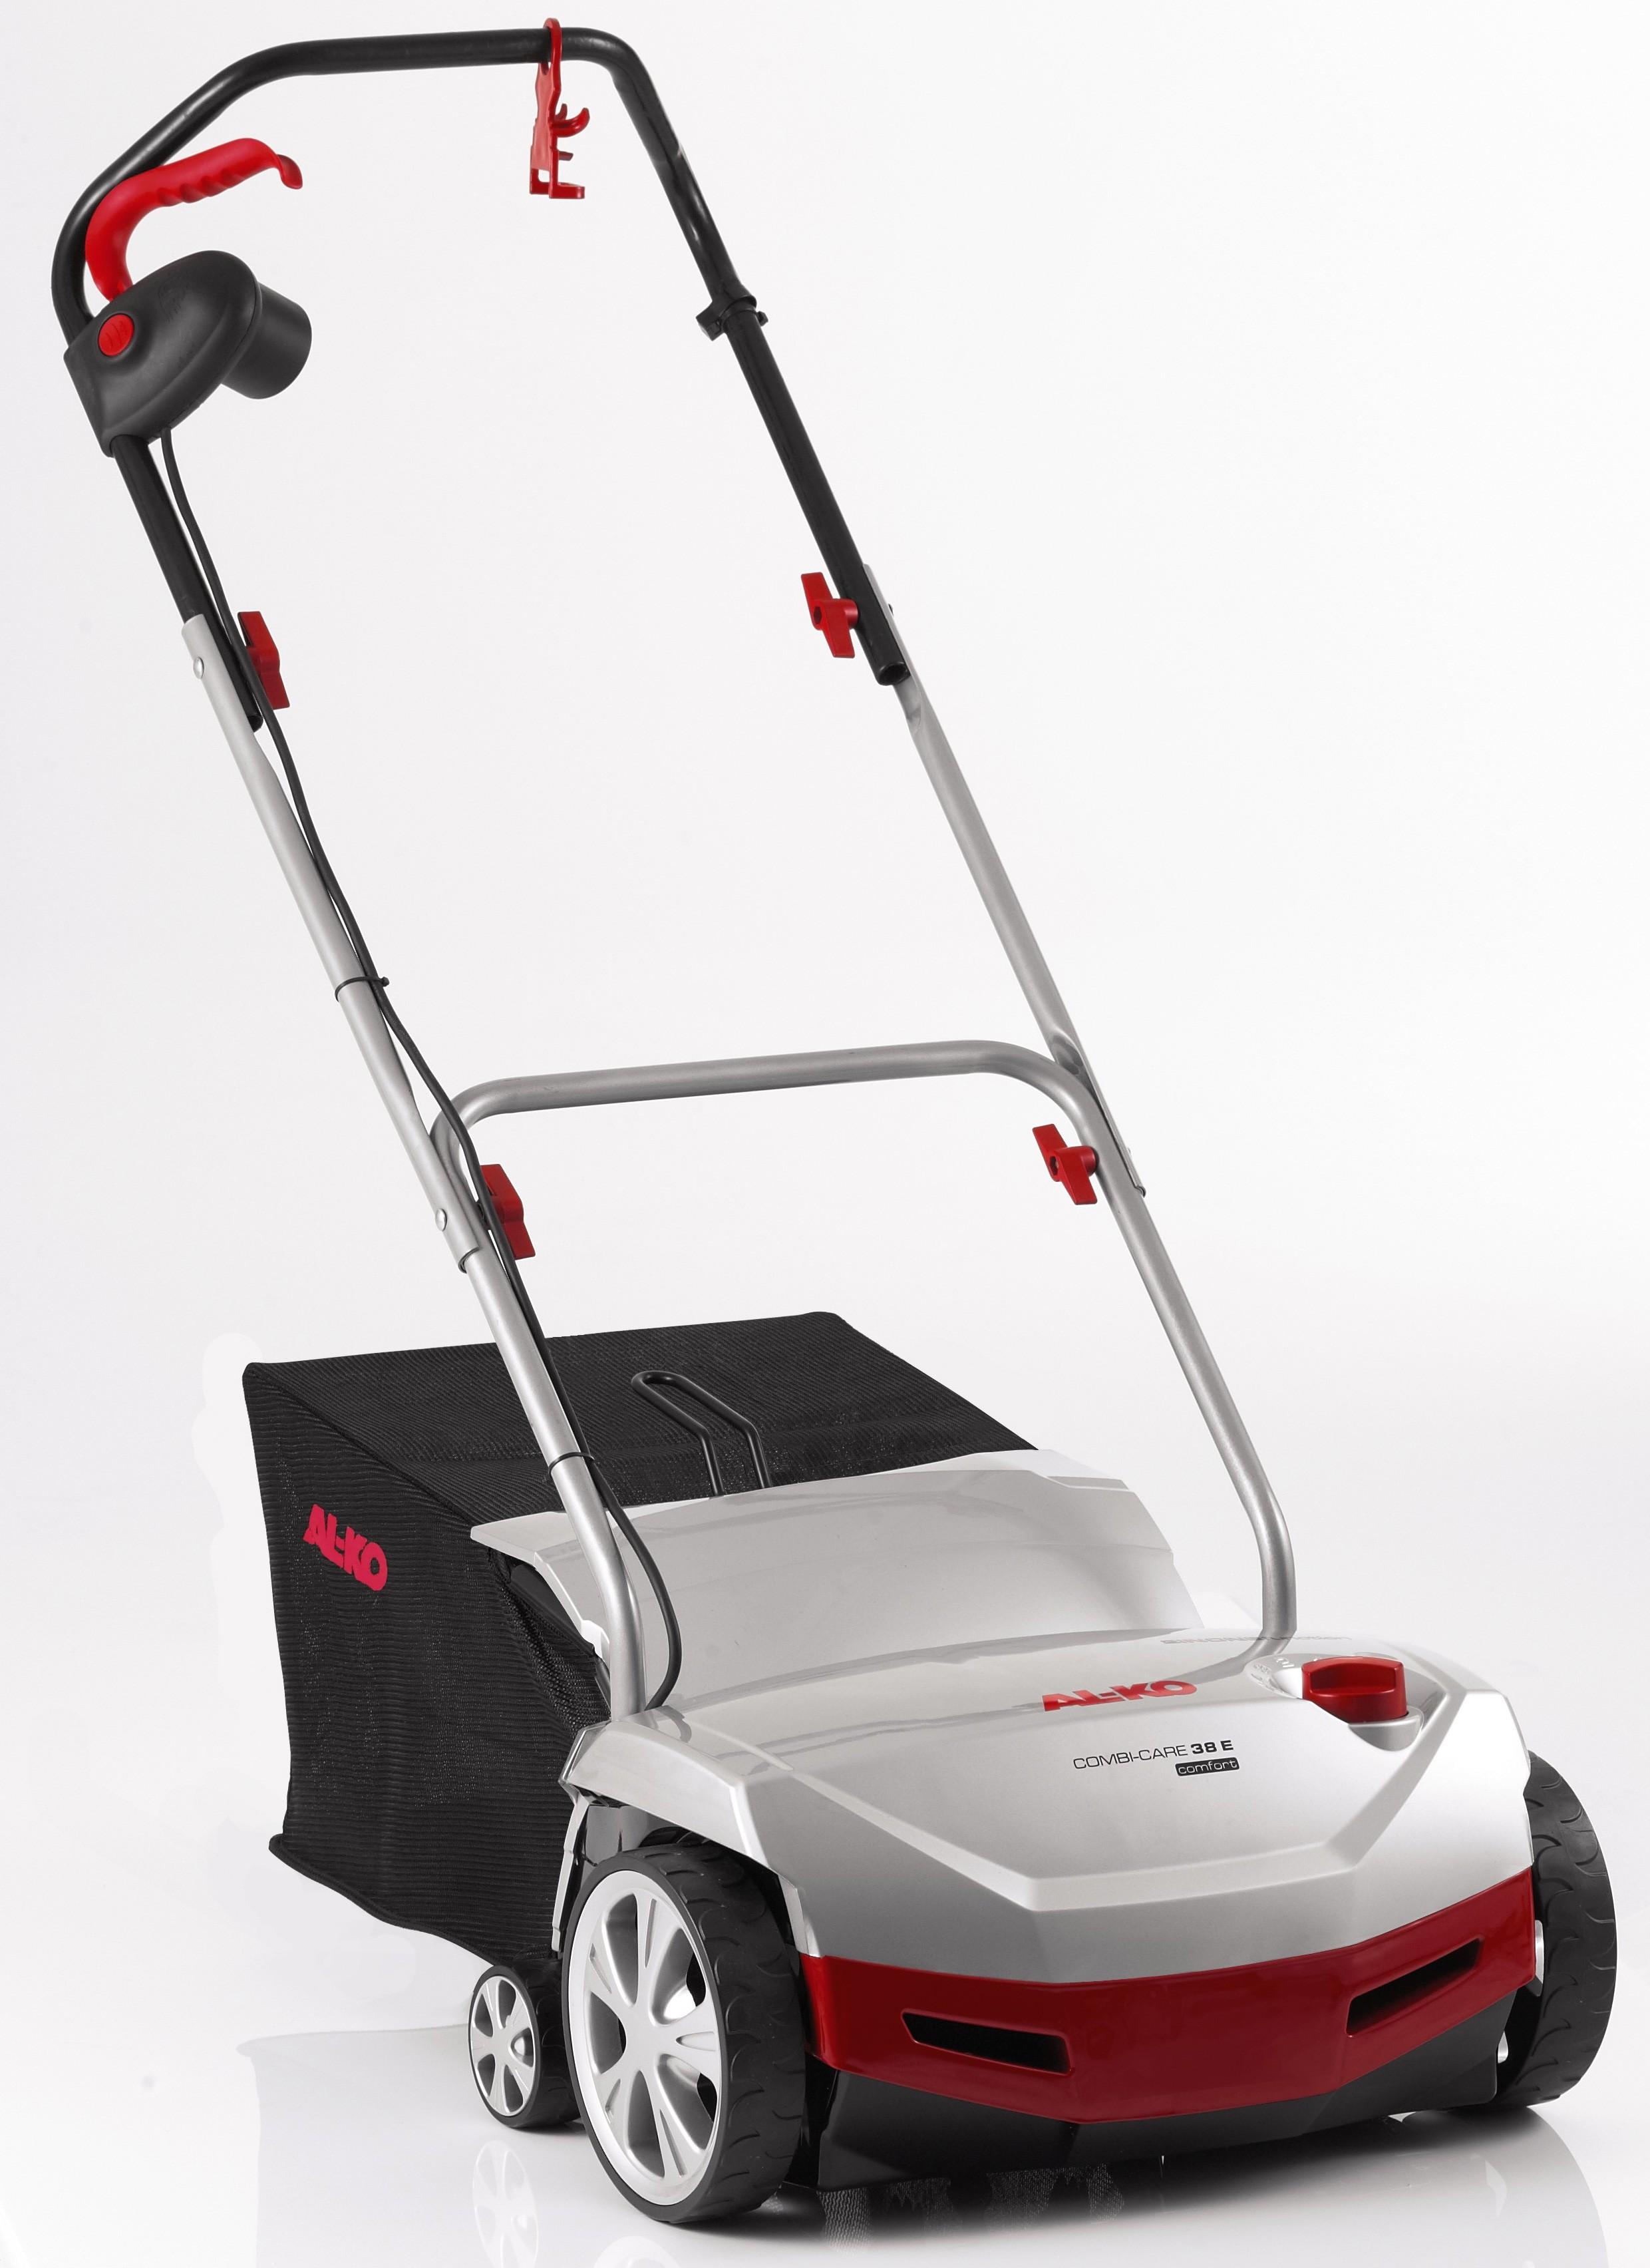 AL-KO Elektro Vertikutierer Combi Care 38 E Comfort 1300 W B 37 / 38cm Bild 1